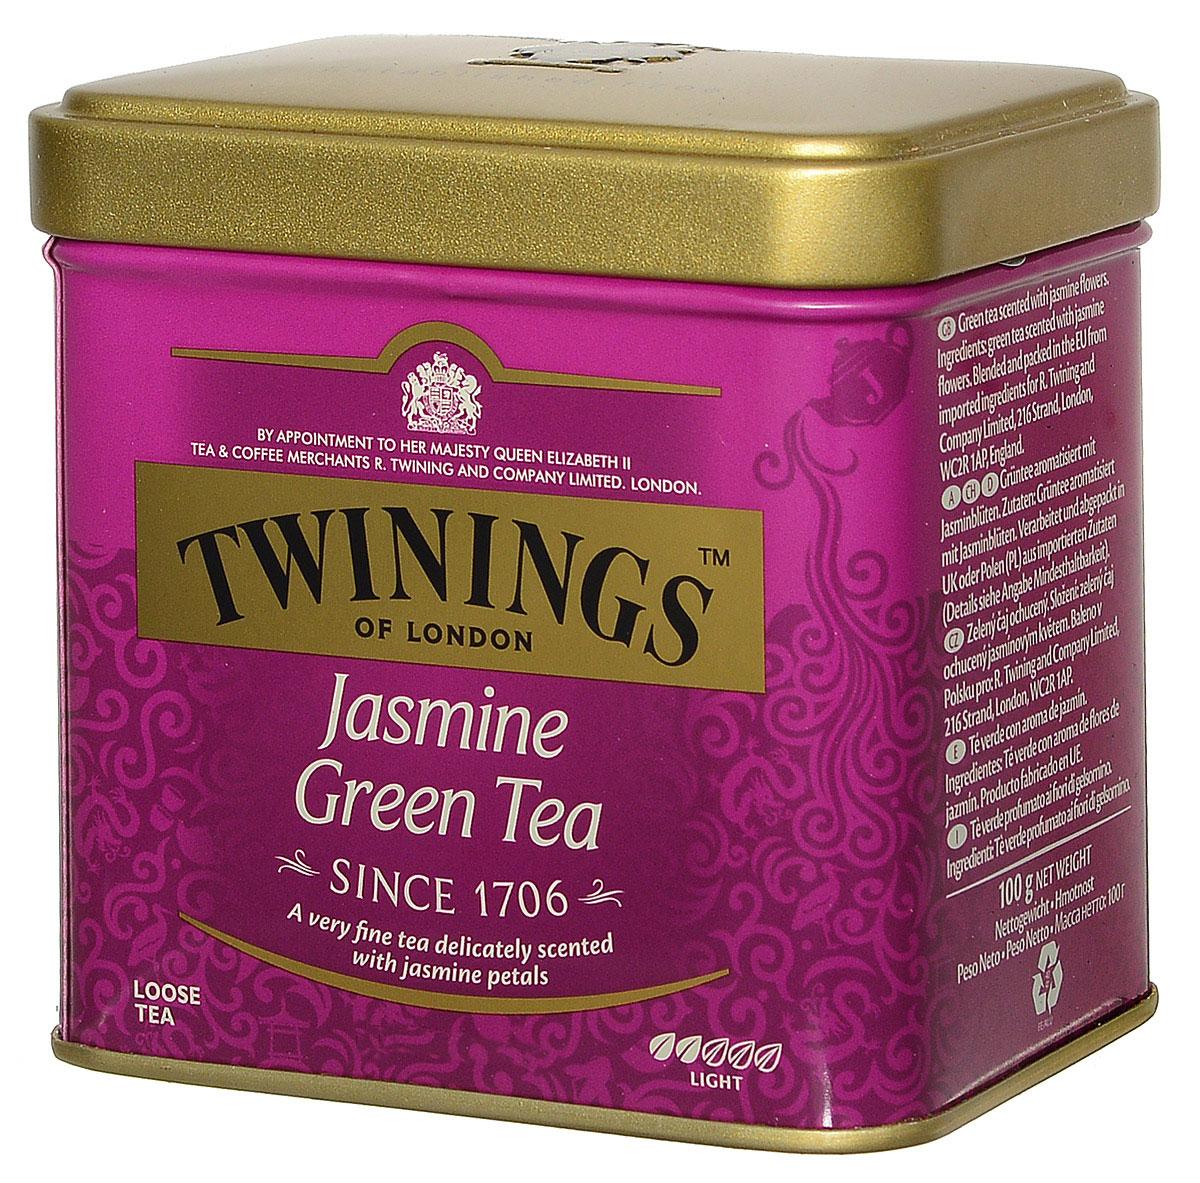 Twinings Jasmine чай зеленый листовой, 100 г0120710Чай Twinings Jasmine способен доставить истинное наслаждение настоящим ценителям чая.При заваривании получается прозрачный напиток с экзотическим утонченным ароматом и нежным вкусом. Чай с жасмином обладает благотворным воздействием на пищеварительную и нервную системы.